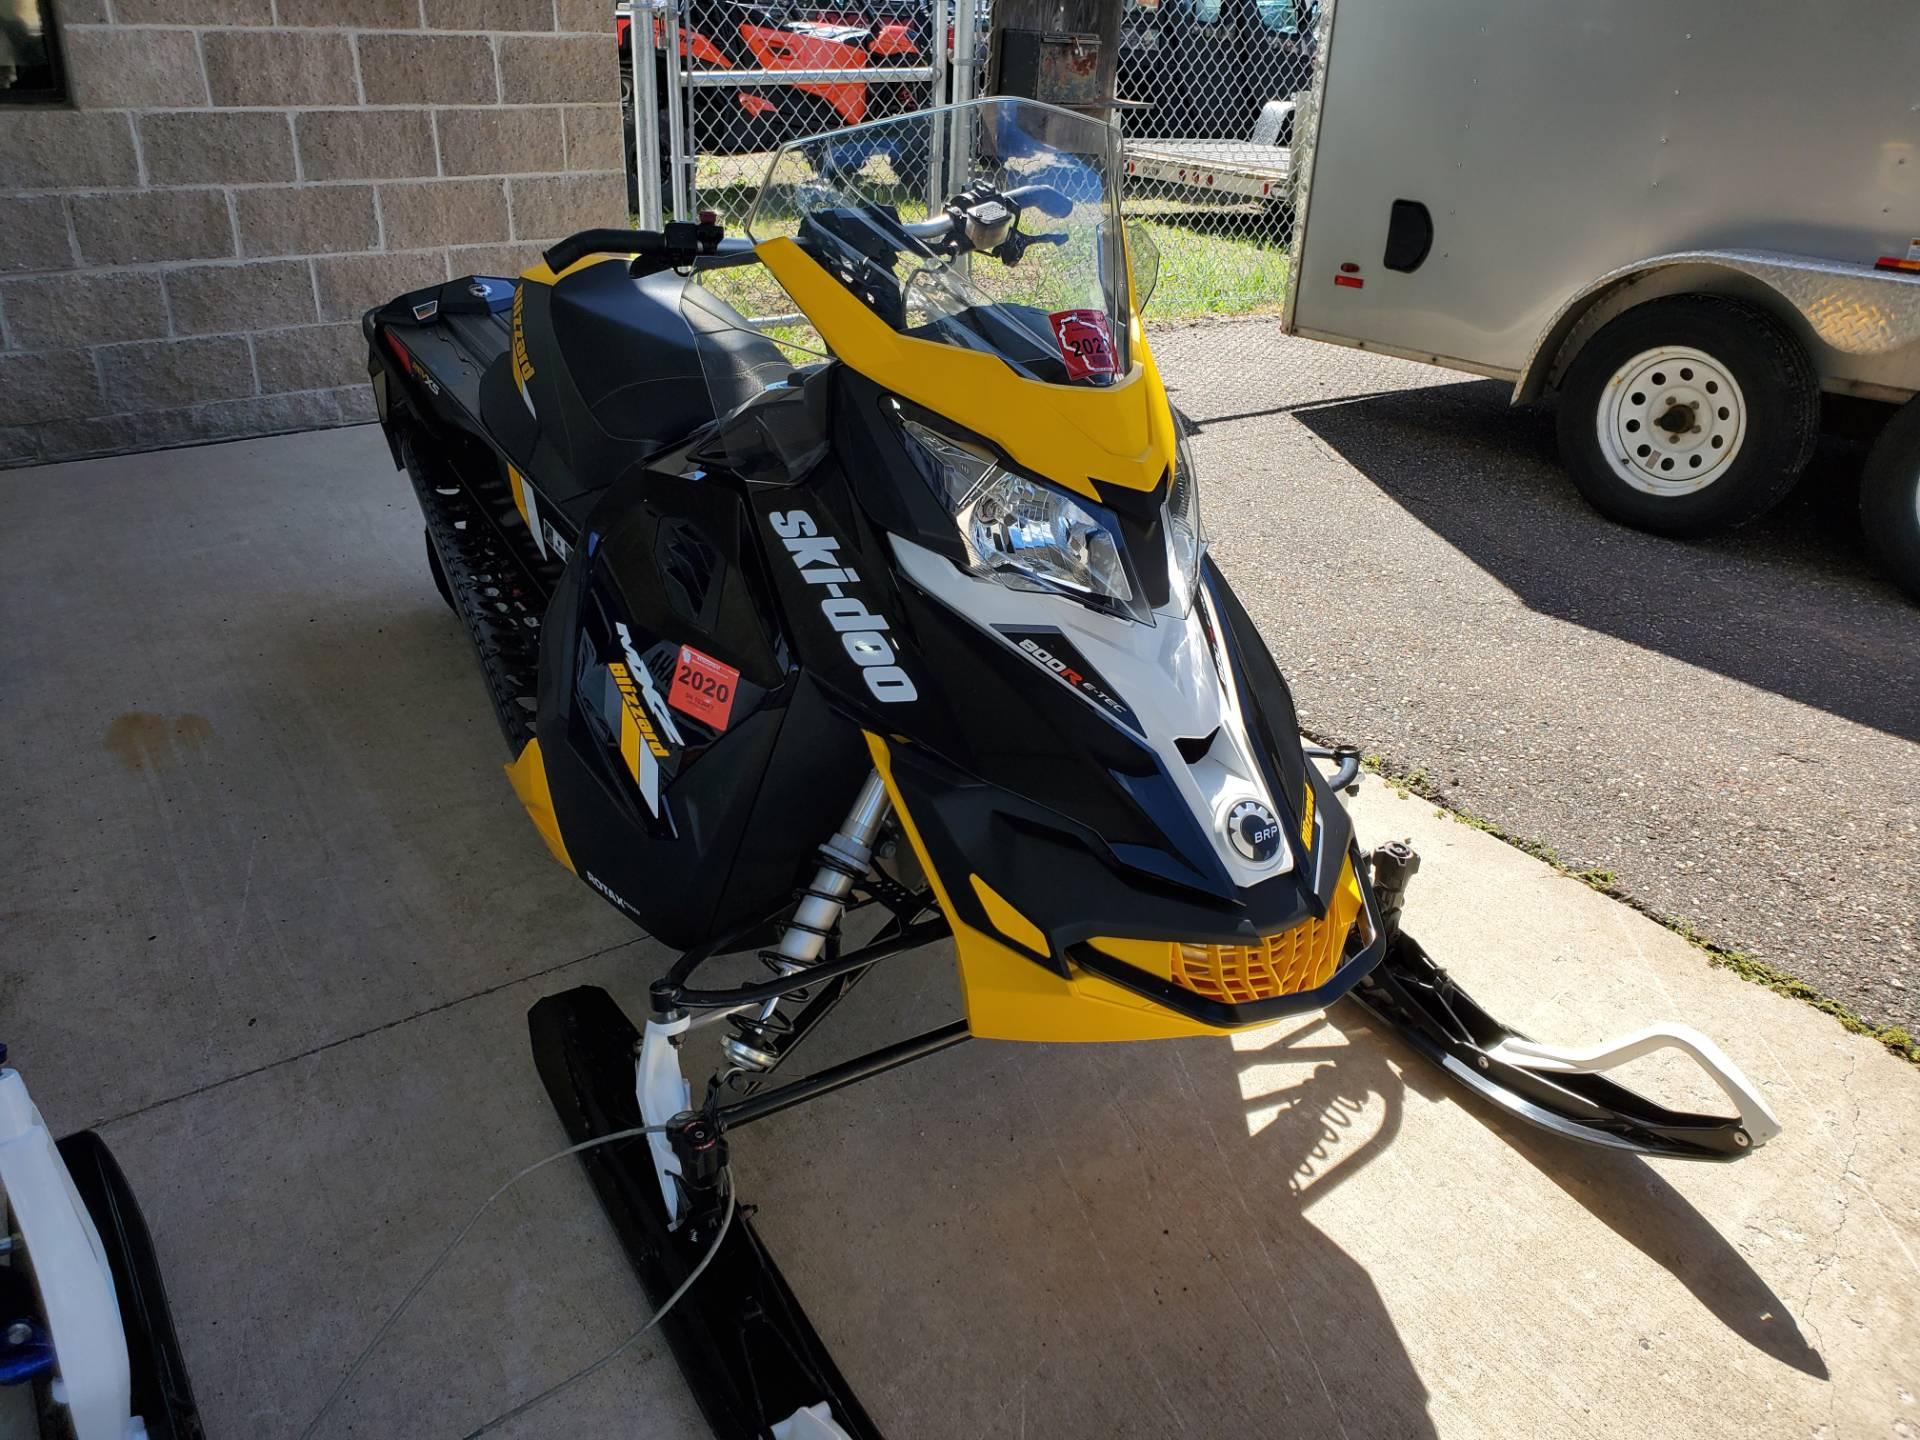 2017 Ski Doo Mxz Blizzard 800r E Tec Snowmobiles Antigo Wisconsin 17729a